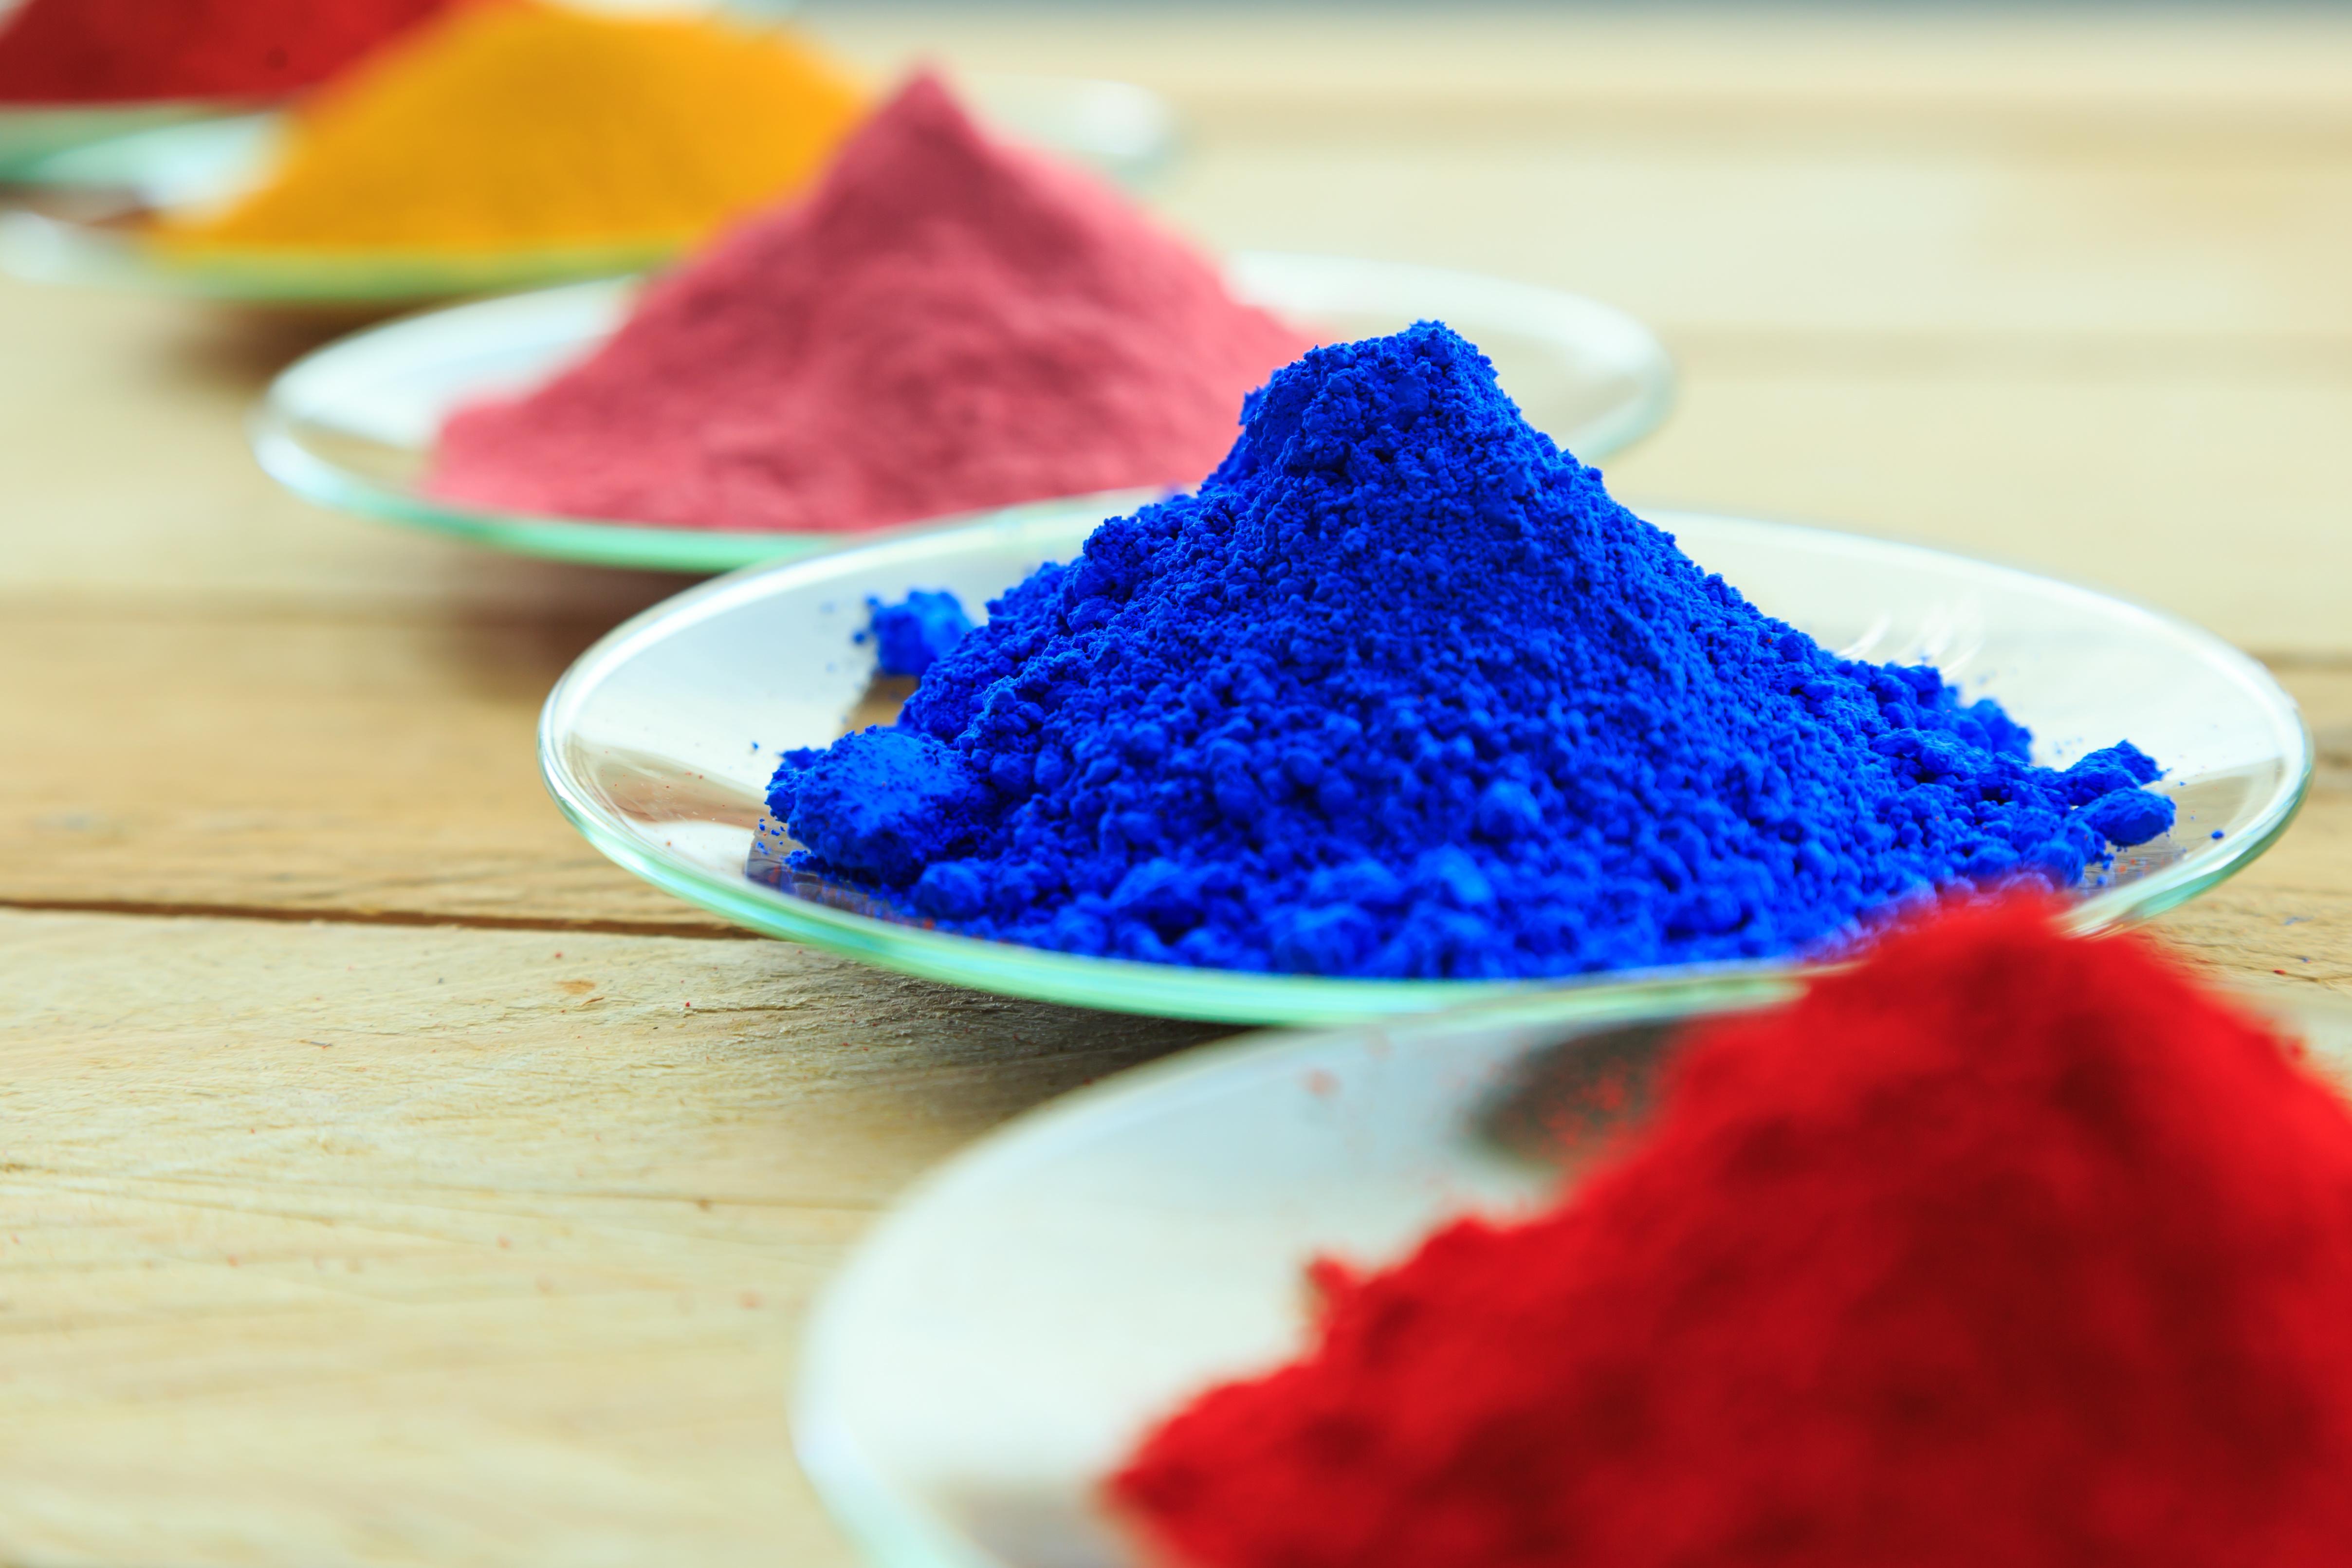 Pigmenty chromowo ołowiowe PY 34 i PR 104 mogą być wciąż legalnie używane w produkcji niektórych farb i lakierów oraz barwieniu tworzyw sztucznych.